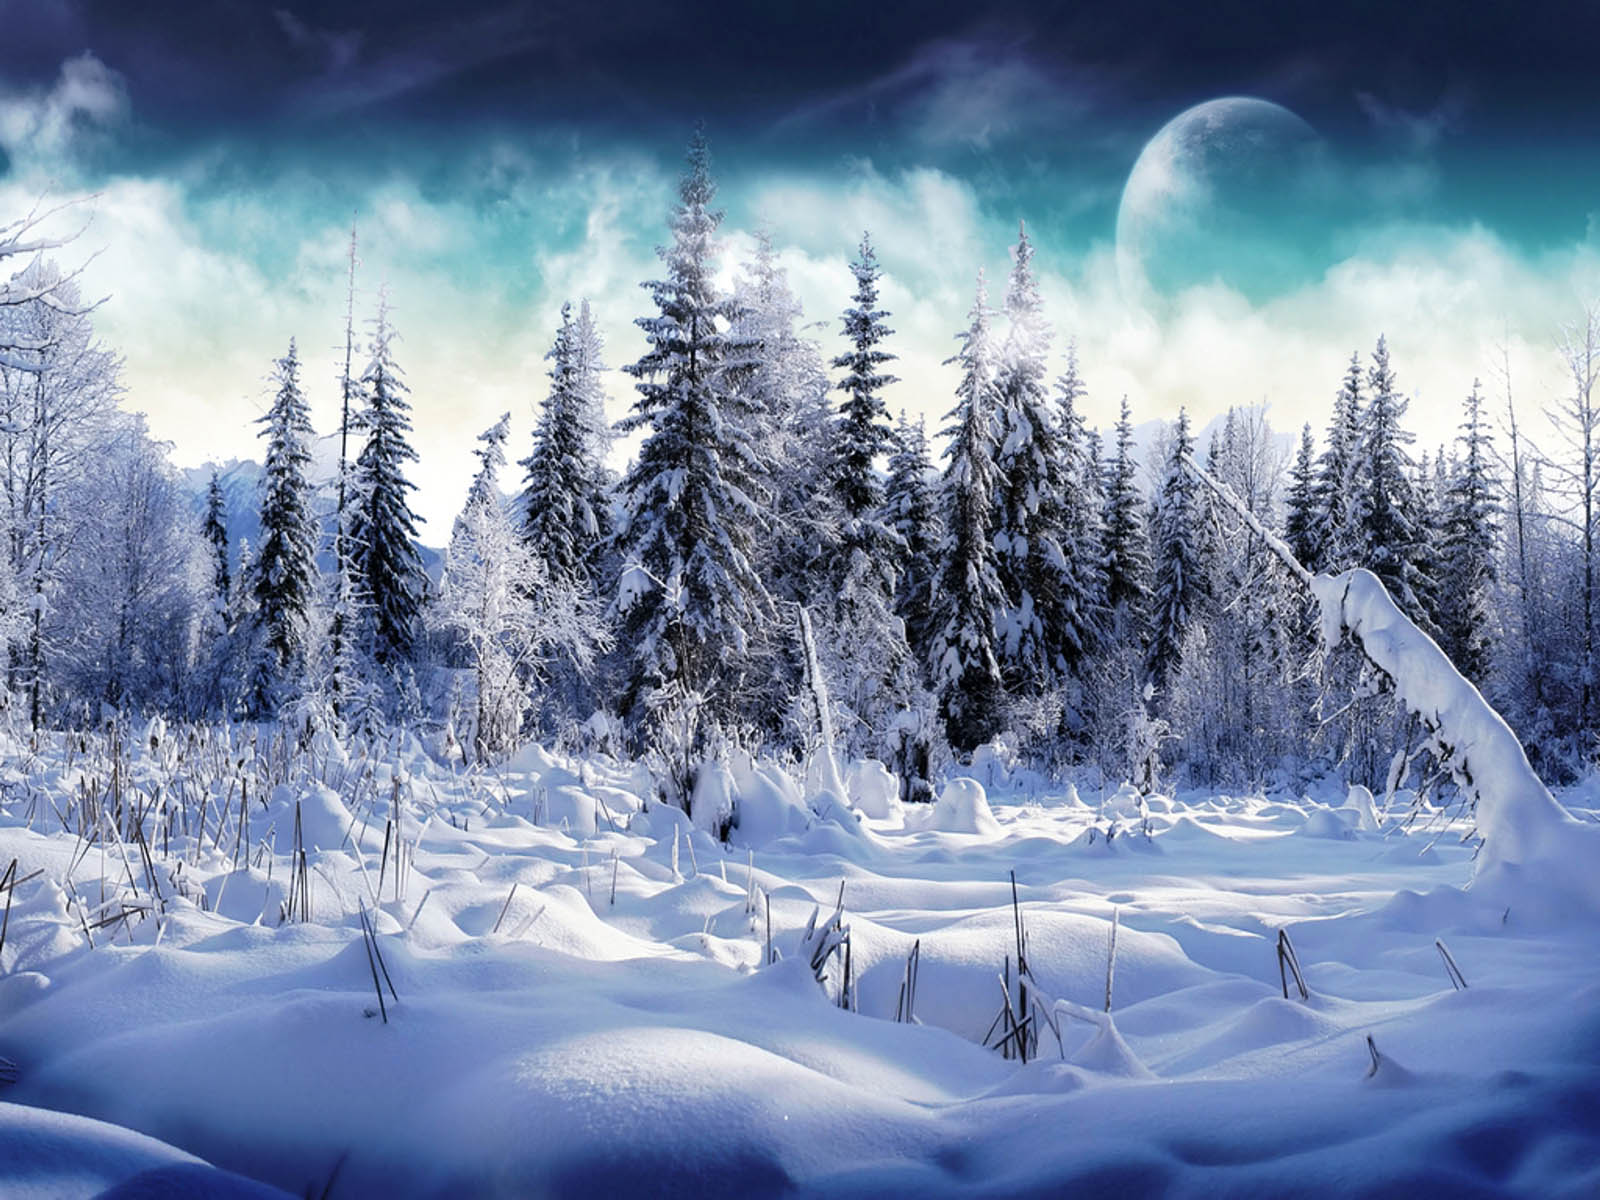 the Snow Wallpapers Snow DesktopWallpapers Snow Desktop Backgrounds 1600x1200